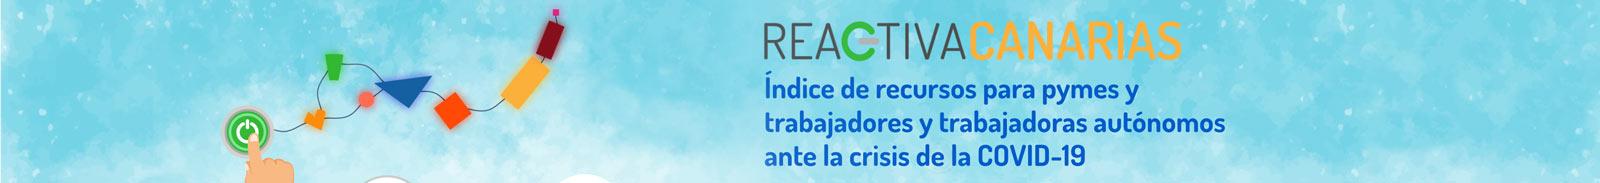 Reactiva Canarias